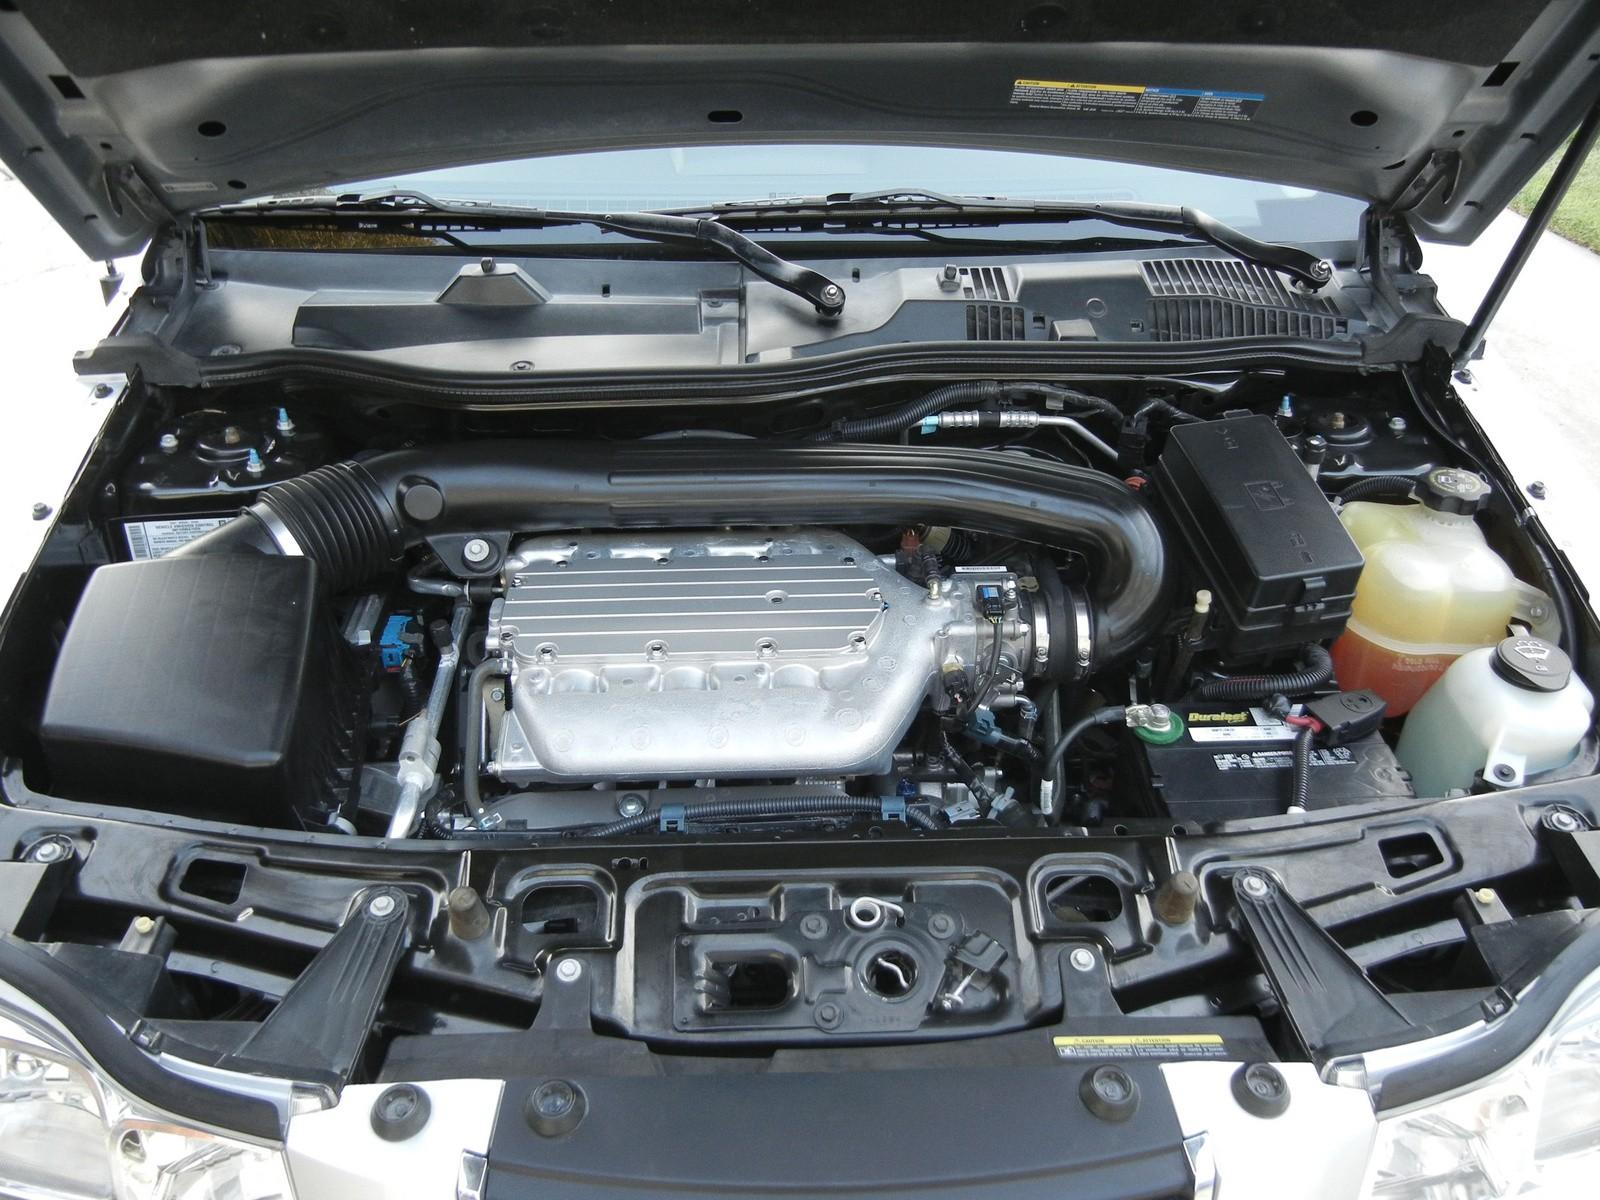 2008 Saturn Vue Engine Layout 2008 Saturn Vue Other Cargurus Of 2008 Saturn Vue Engine Layout